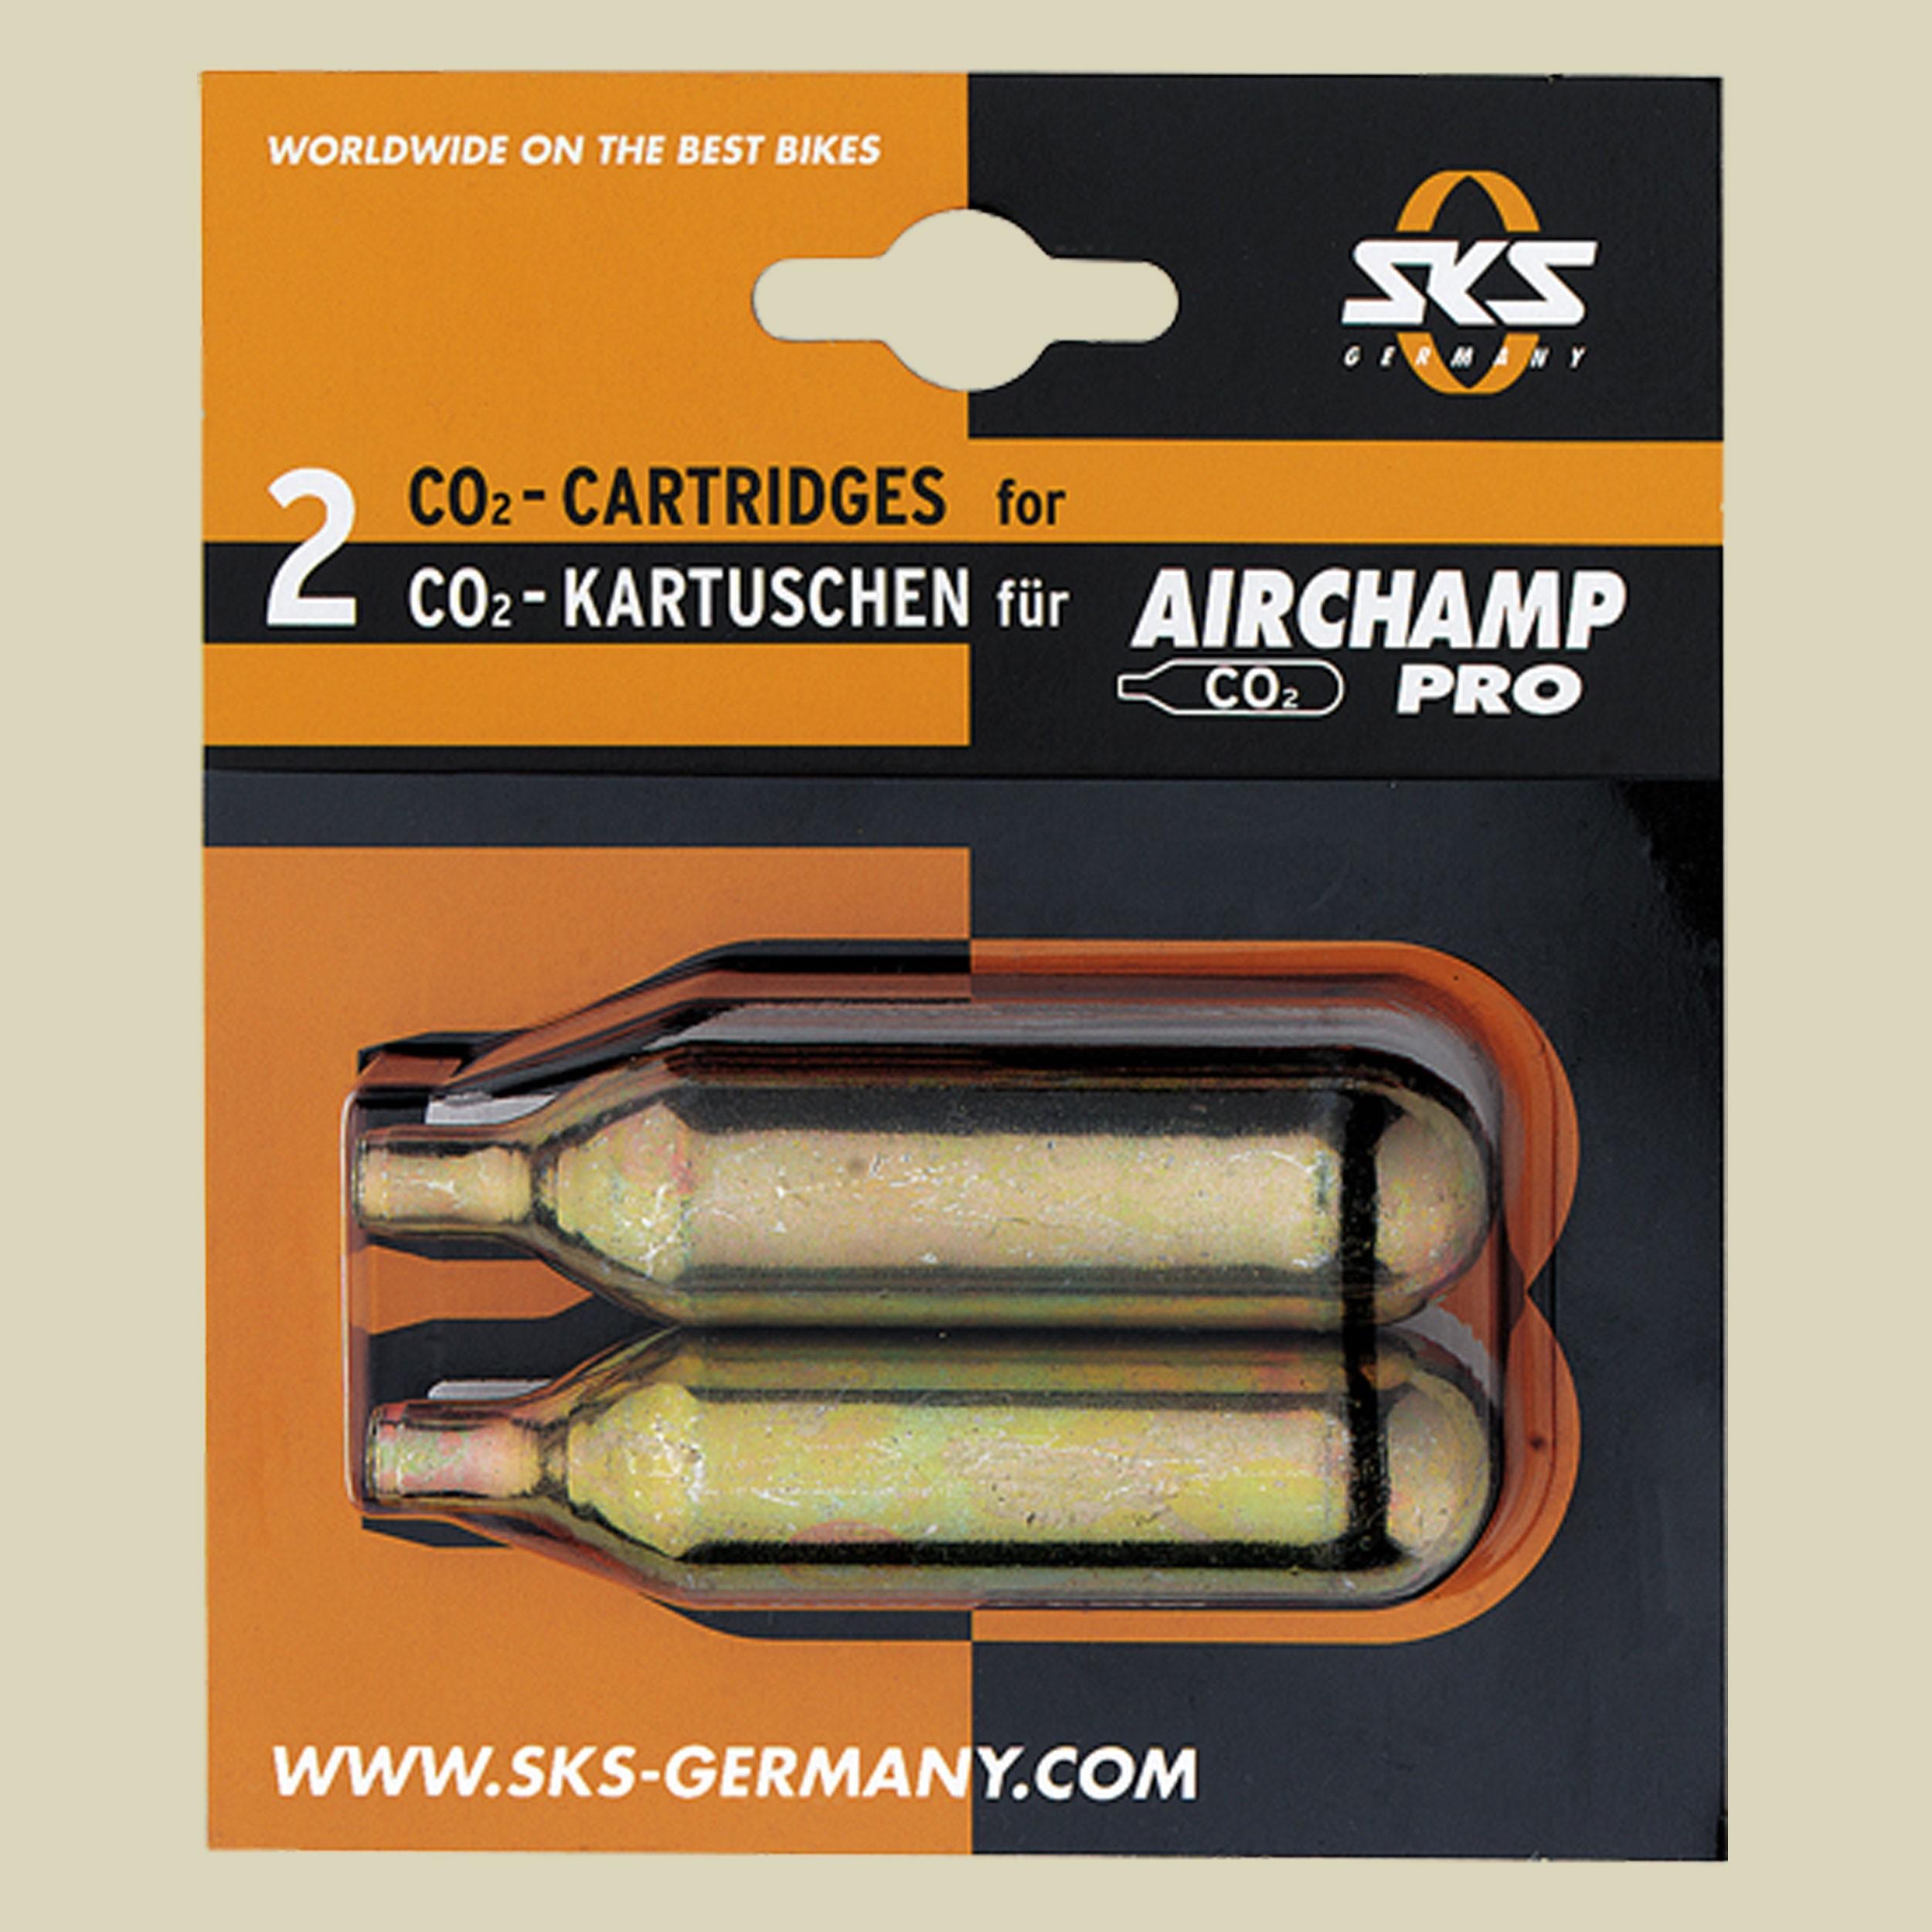 sks_10002_ersatzkartuschen_airchamp_fallback.jpg